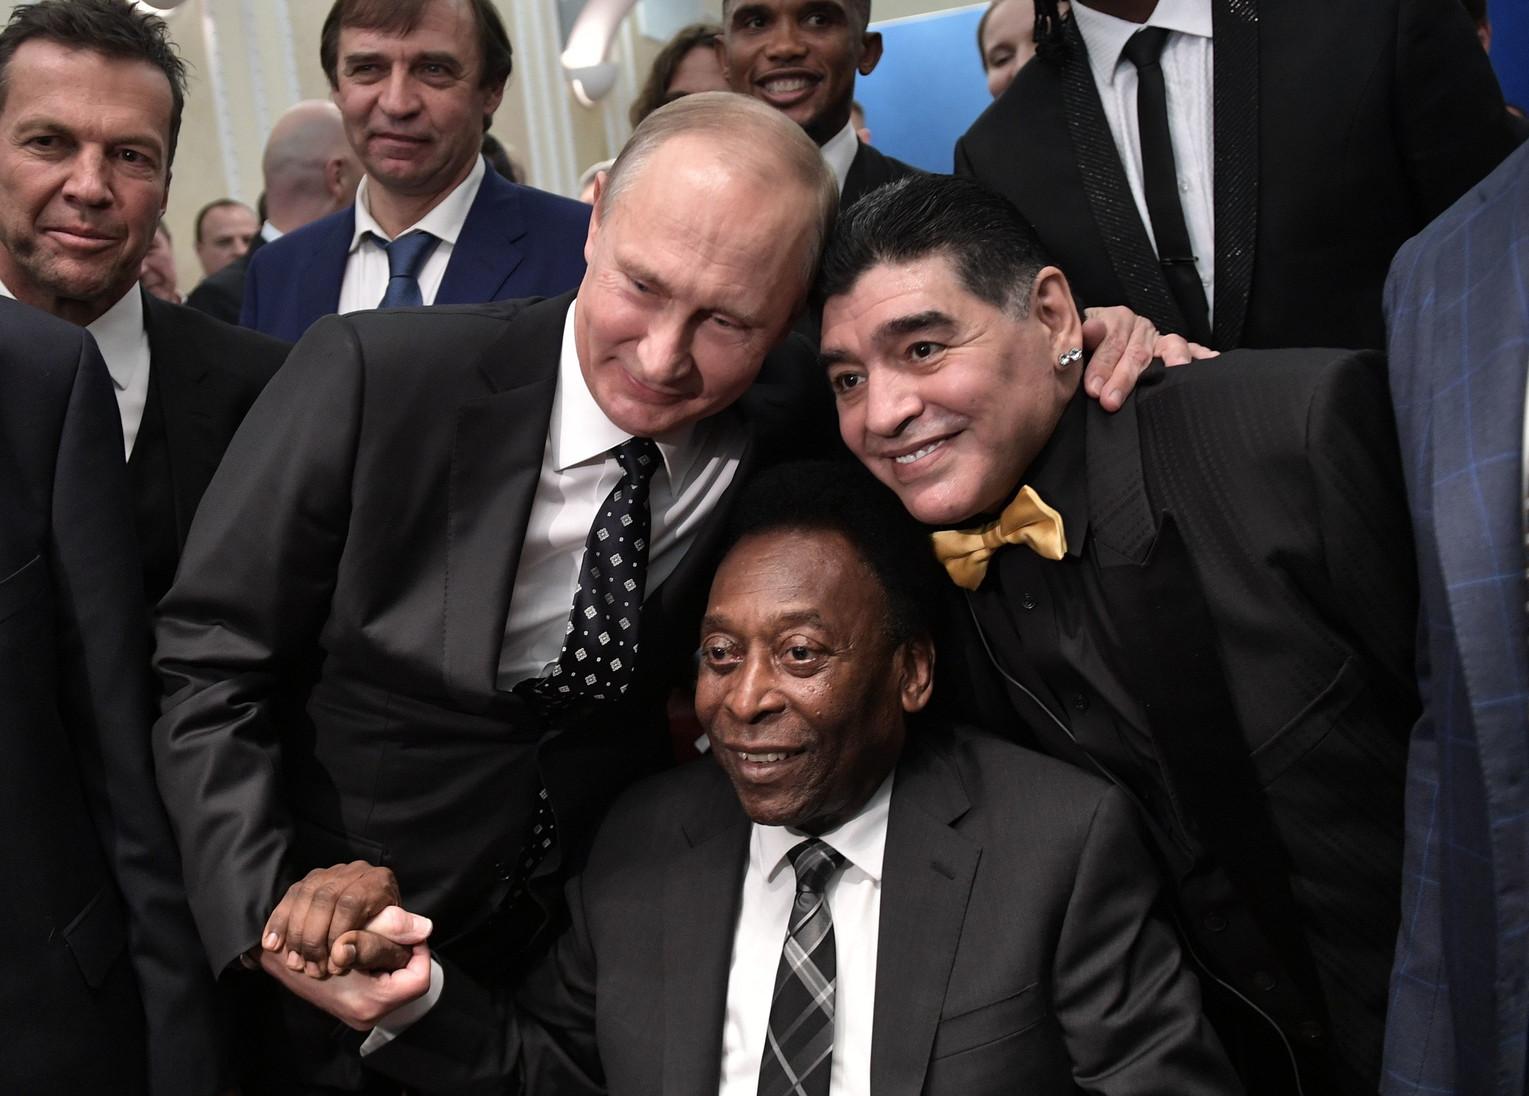 1 dicembre 2017: abbraccio Maradona, Pelè e Putin durante il sorteggio della fase finale di Mondiali 2018